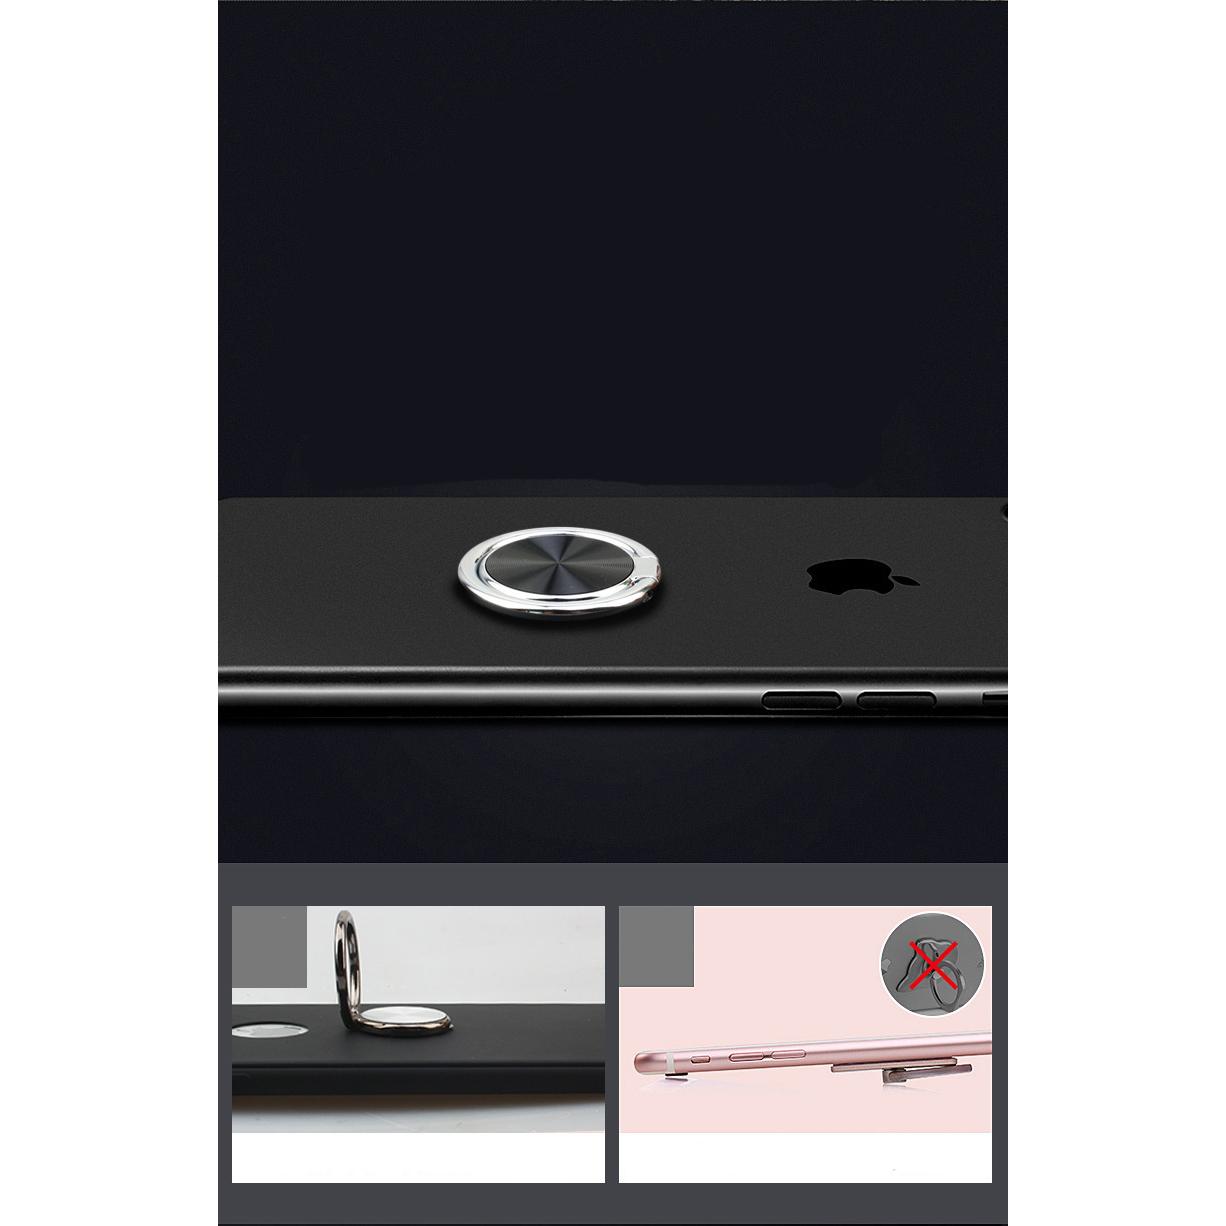 Iring nhẫn điện thoại rotation ring phone móc gắn điện thoại thông minh hình tròn móc dán lưng điện thoại giá đỡ dán lưng điện thoại đa năng